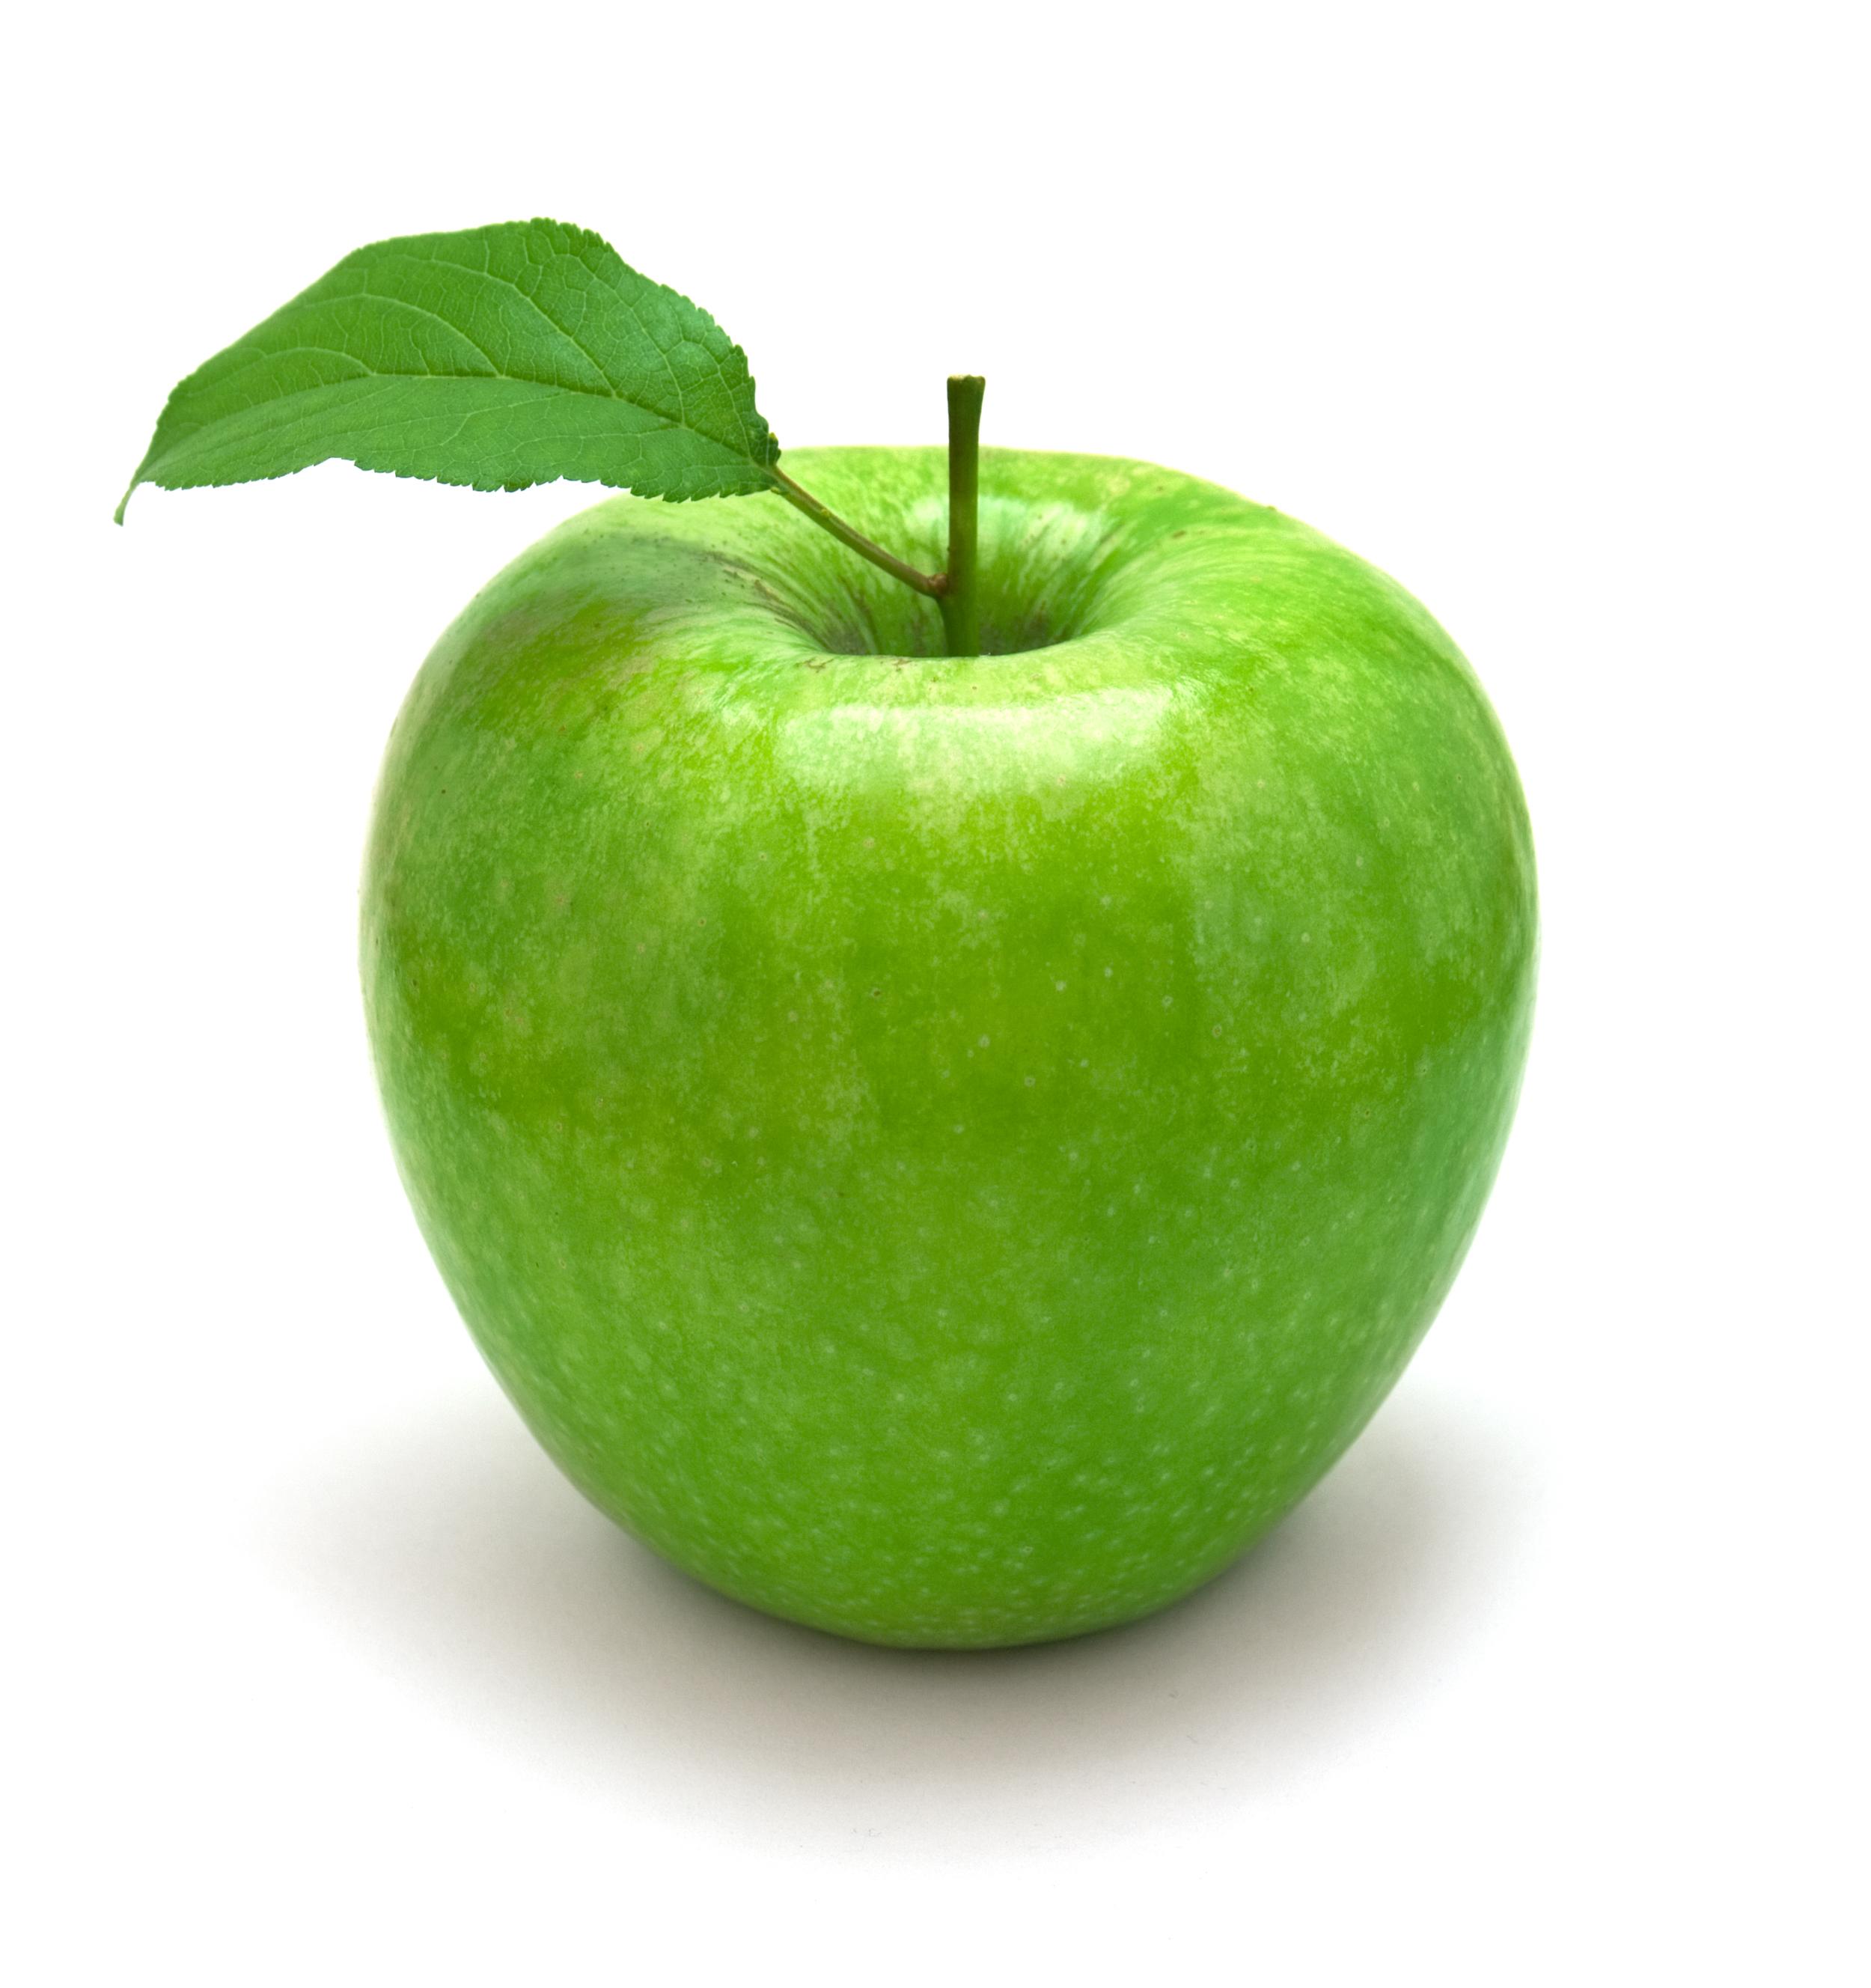 green-apple-fruit-hd-wallpaper | Tedburn St Mary